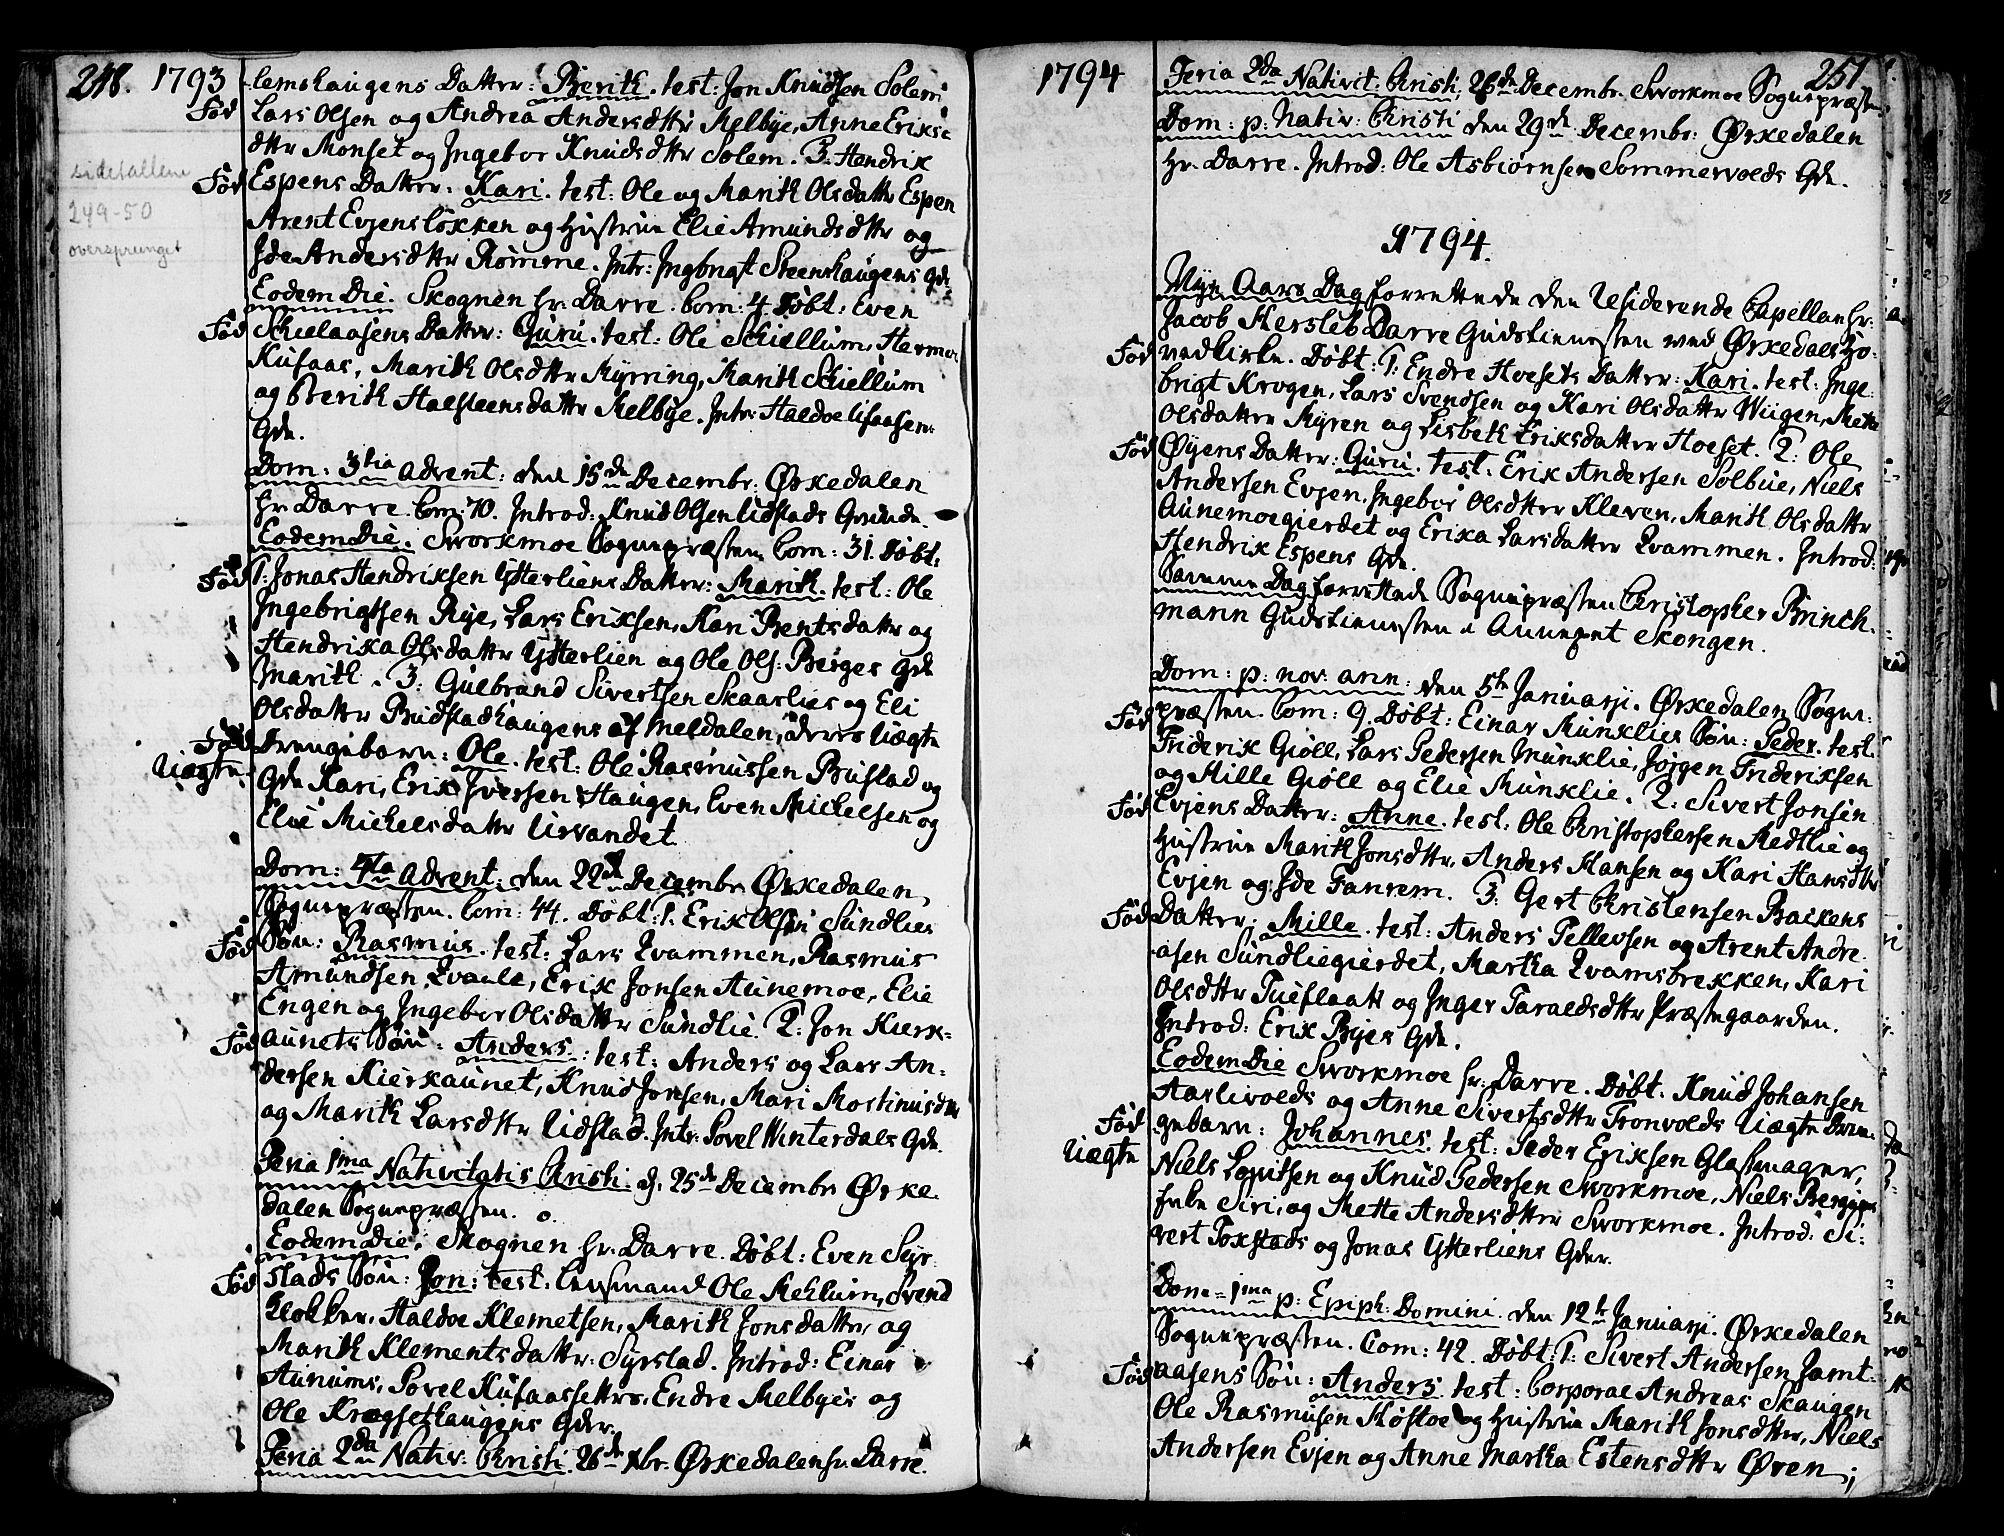 SAT, Ministerialprotokoller, klokkerbøker og fødselsregistre - Sør-Trøndelag, 668/L0802: Ministerialbok nr. 668A02, 1776-1799, s. 248-251